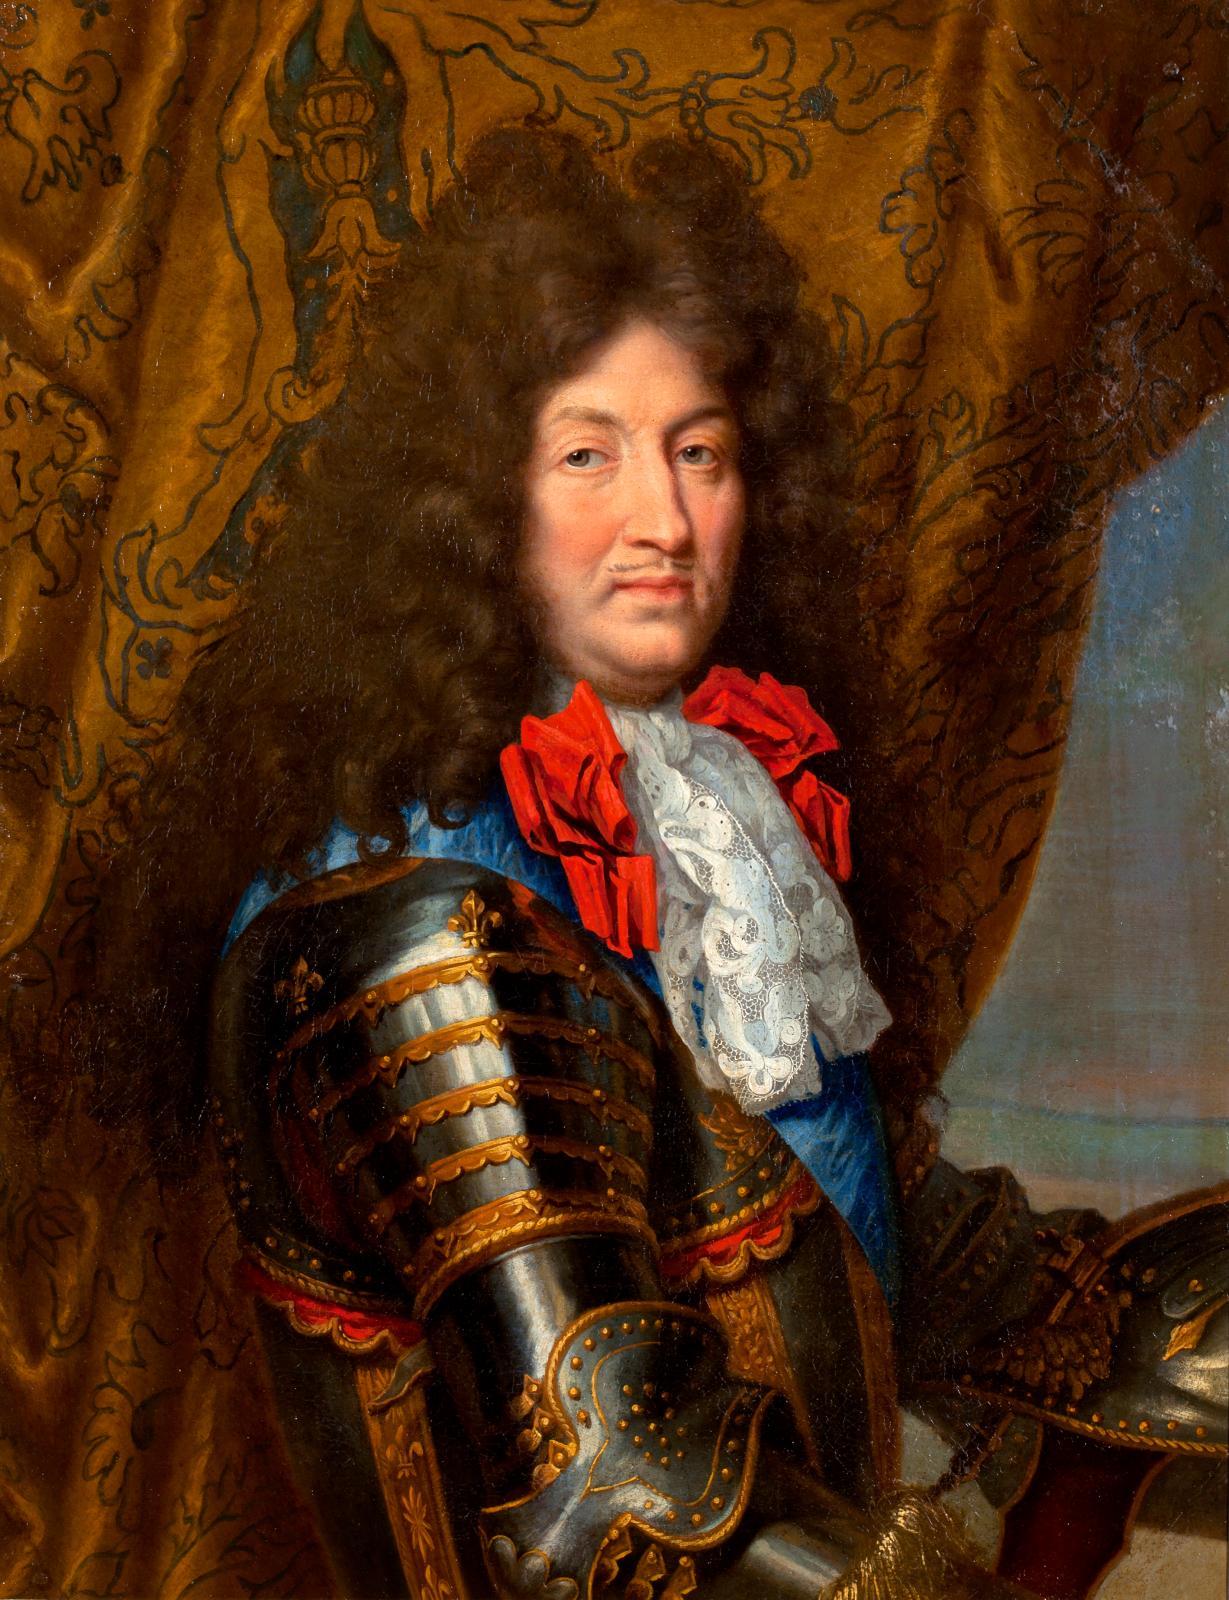 Le musée national des châteaux de Versailles et de Trianon s'enrichit d'une nouvelle image de son roi fondateur grâce à la préemption, pou